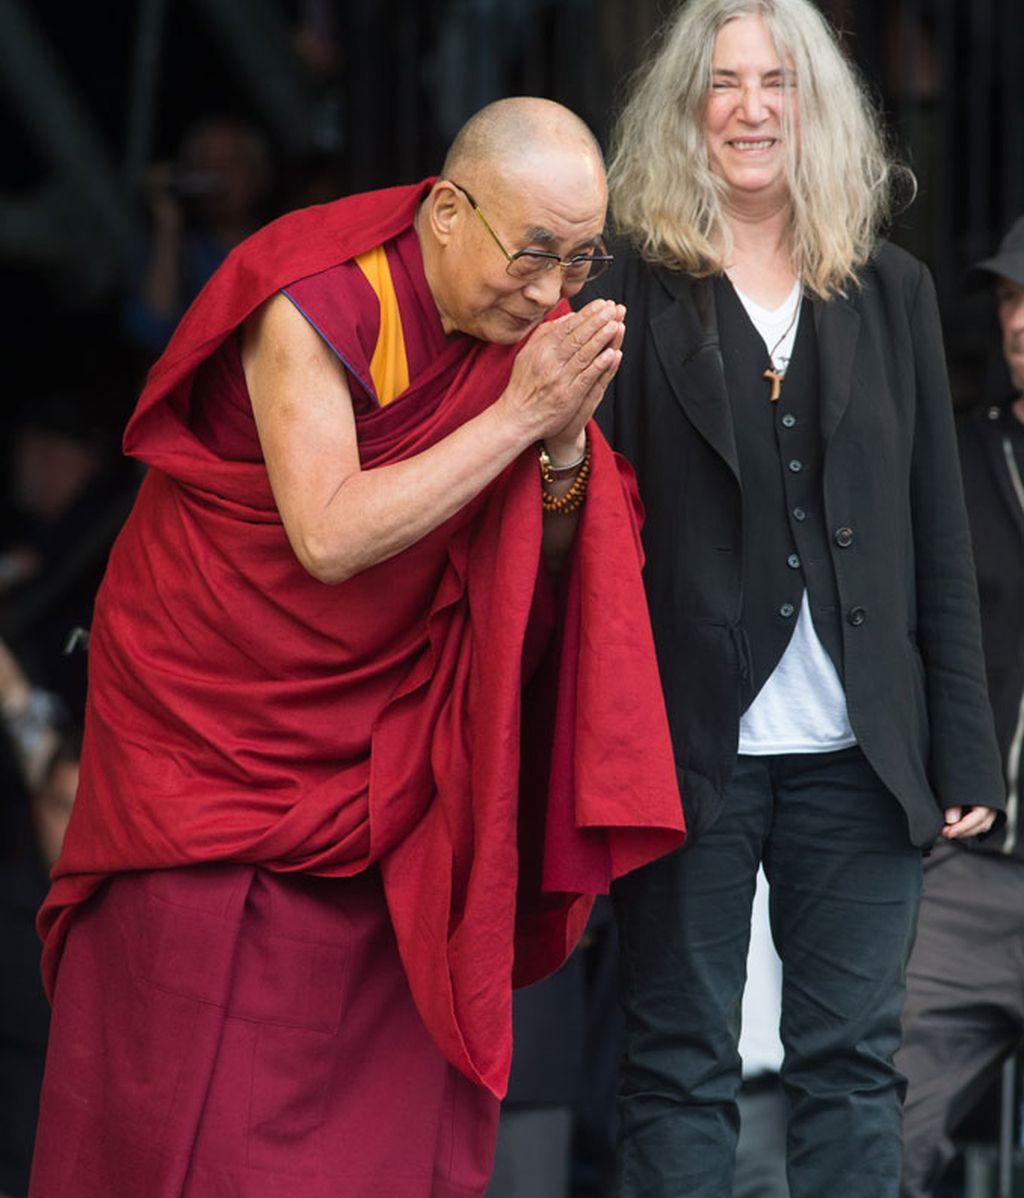 El Dalai Lama en el escenario junto a Patti Smith